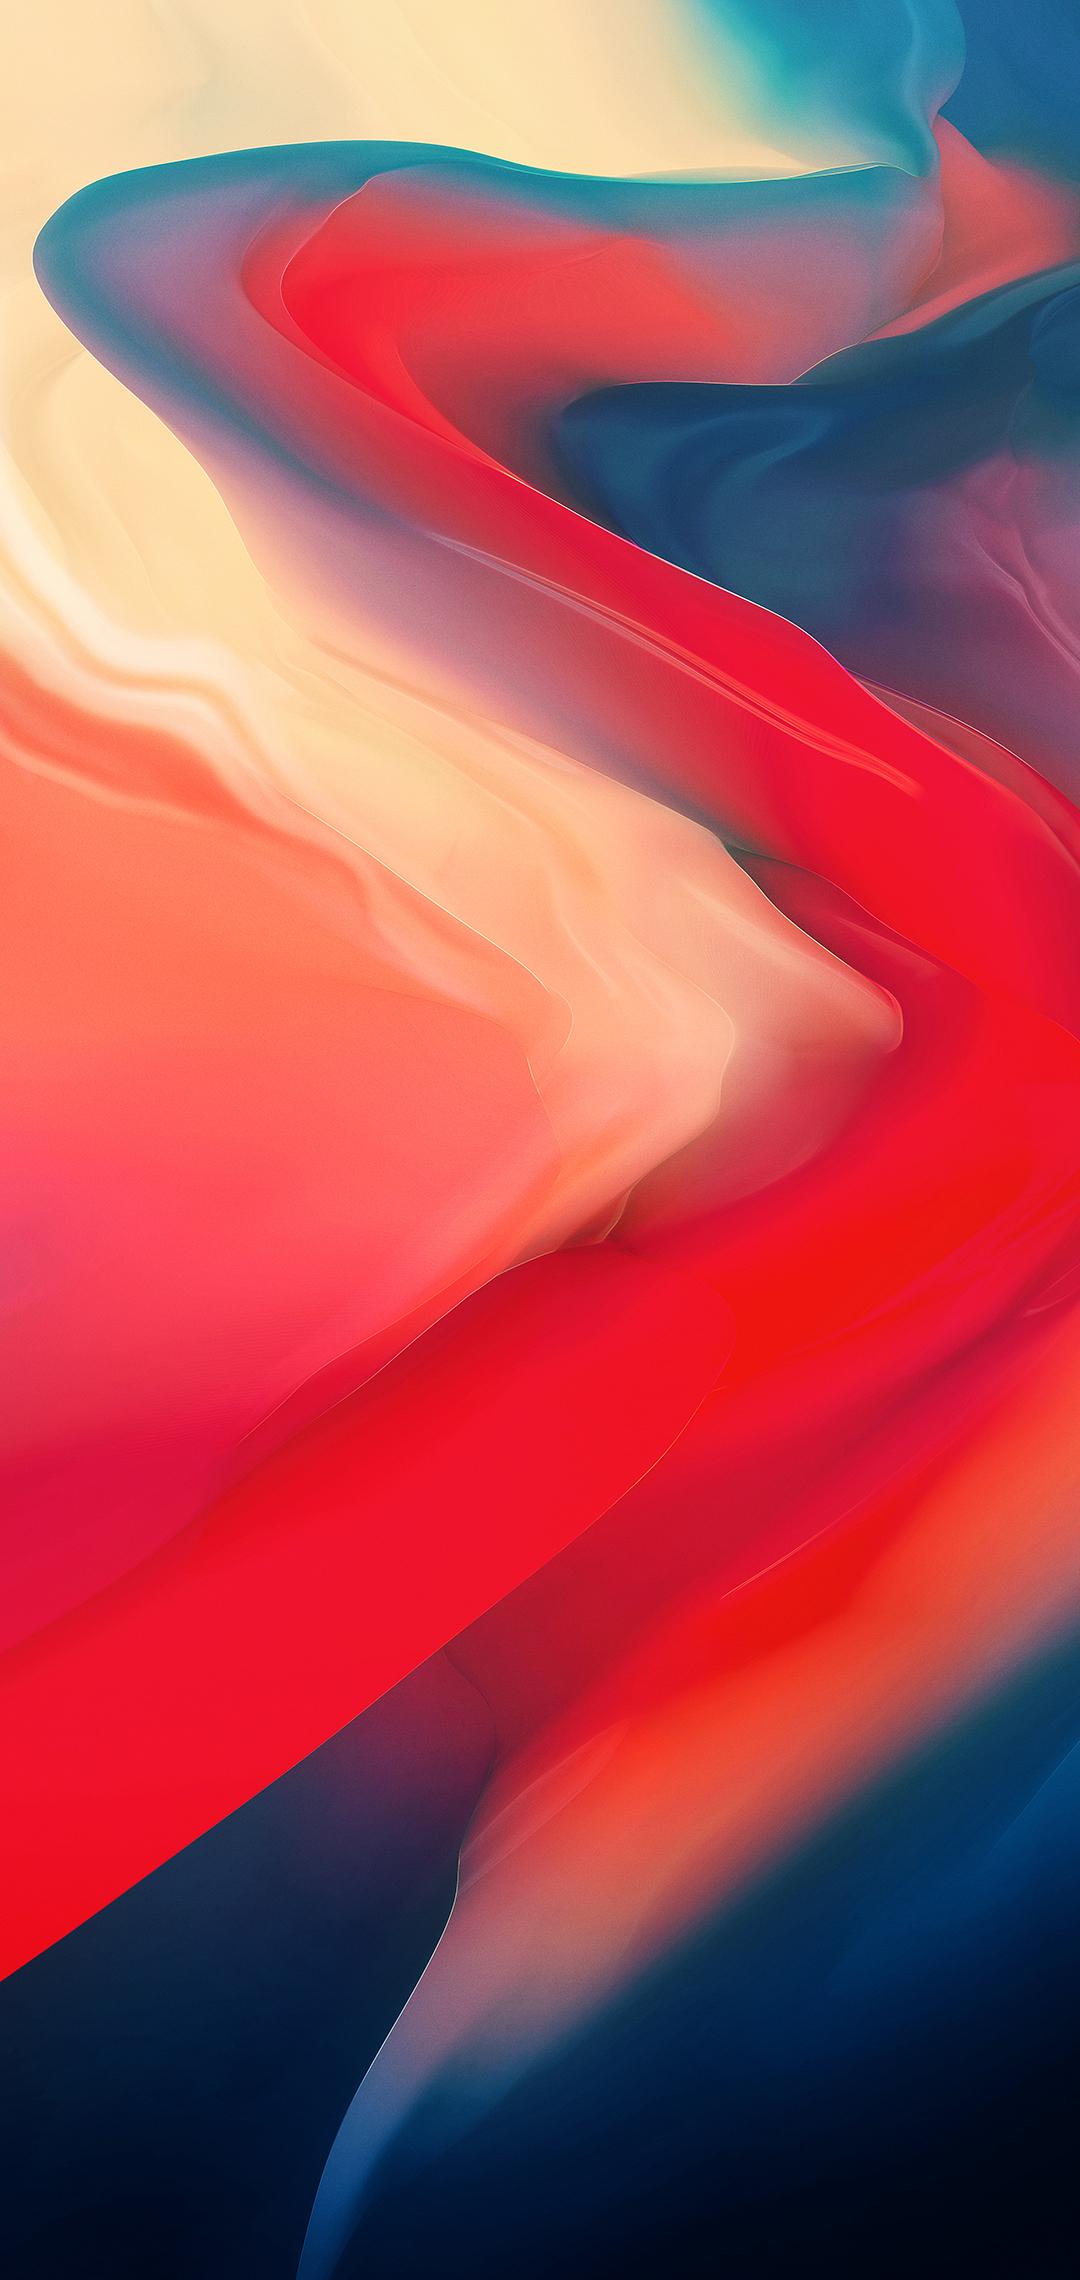 OnePlus 6 Wallpapers Hampus Olsson   Portfolio of 2018 1080x2280